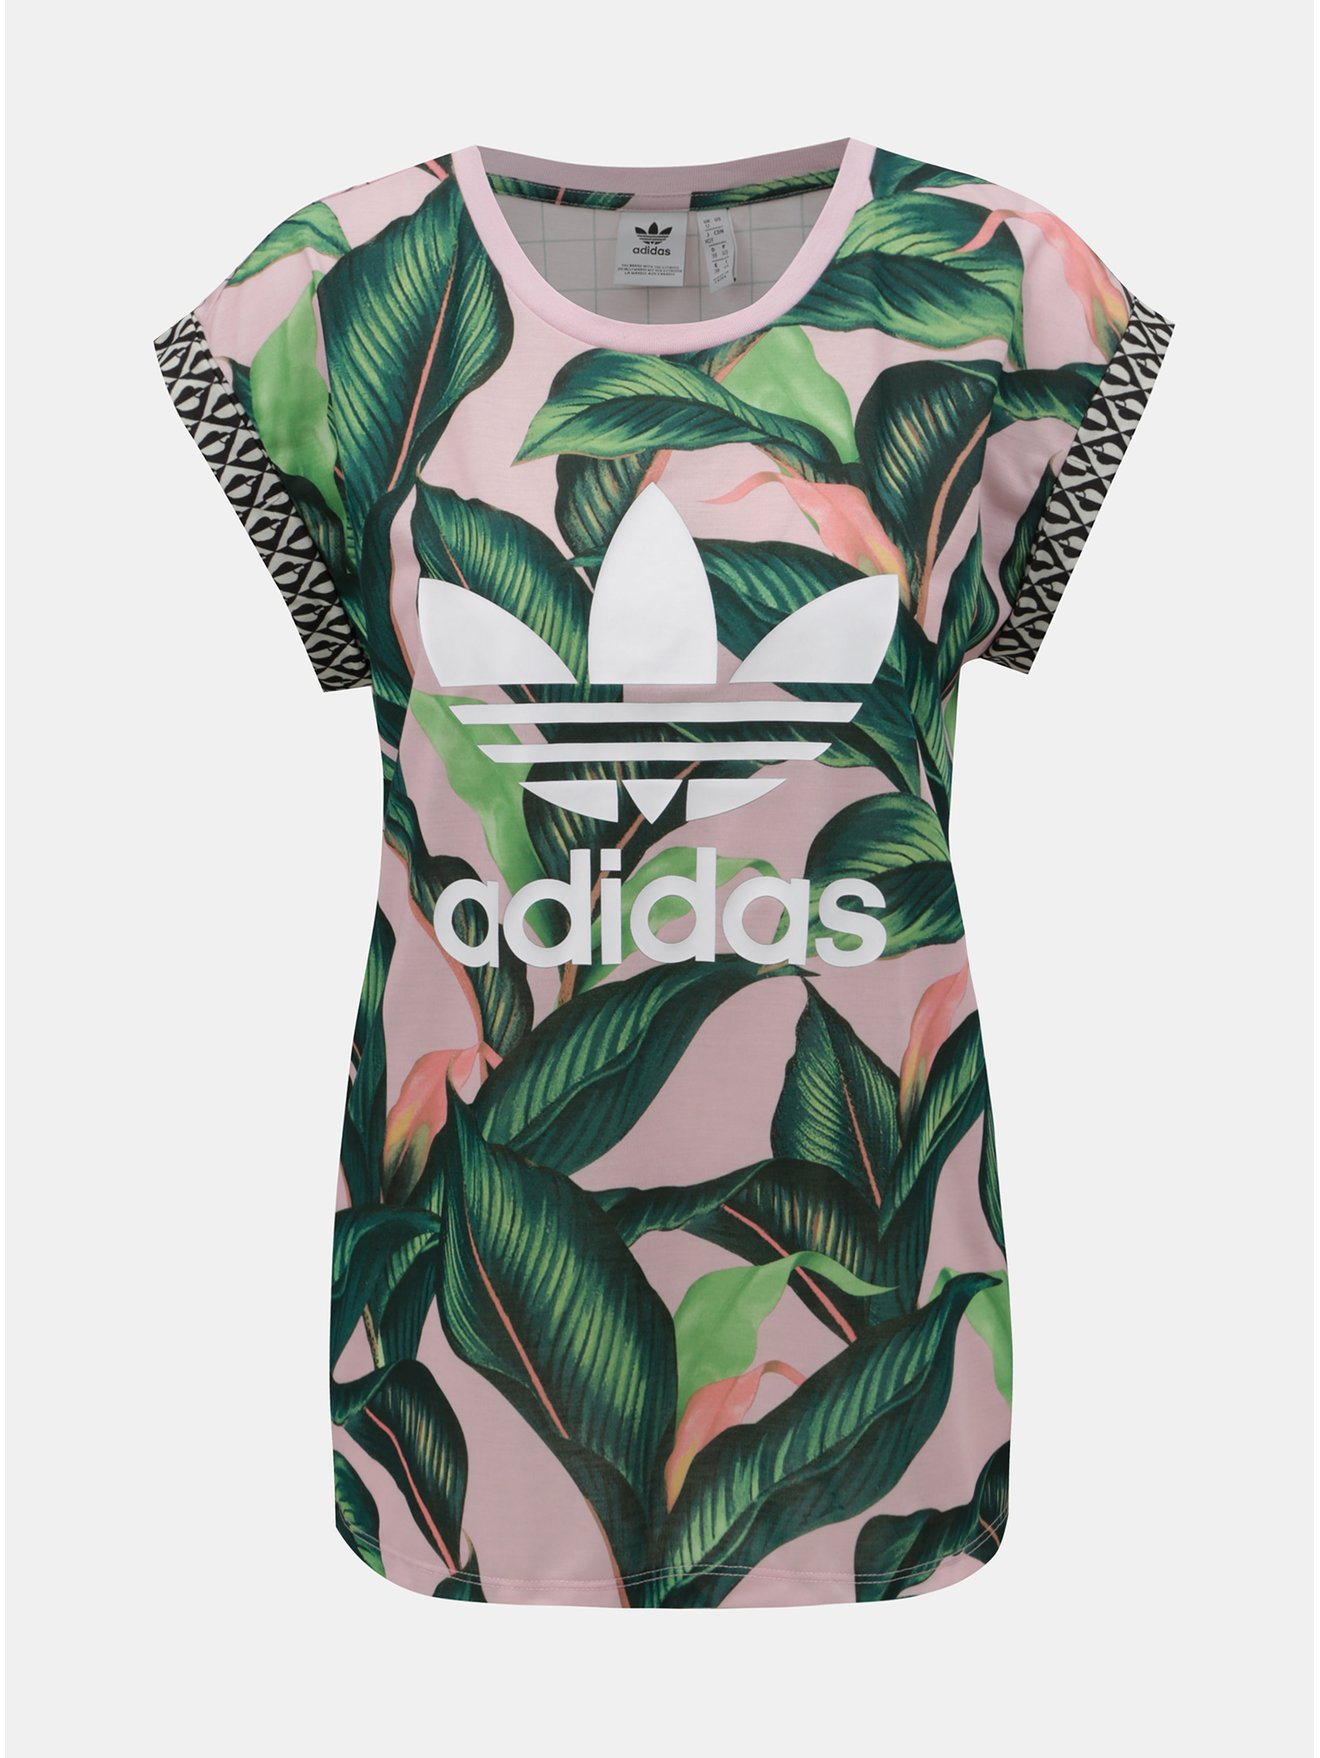 Růžovo-zelené dámské tričko s motivem adidas Originals bf434ad2c11